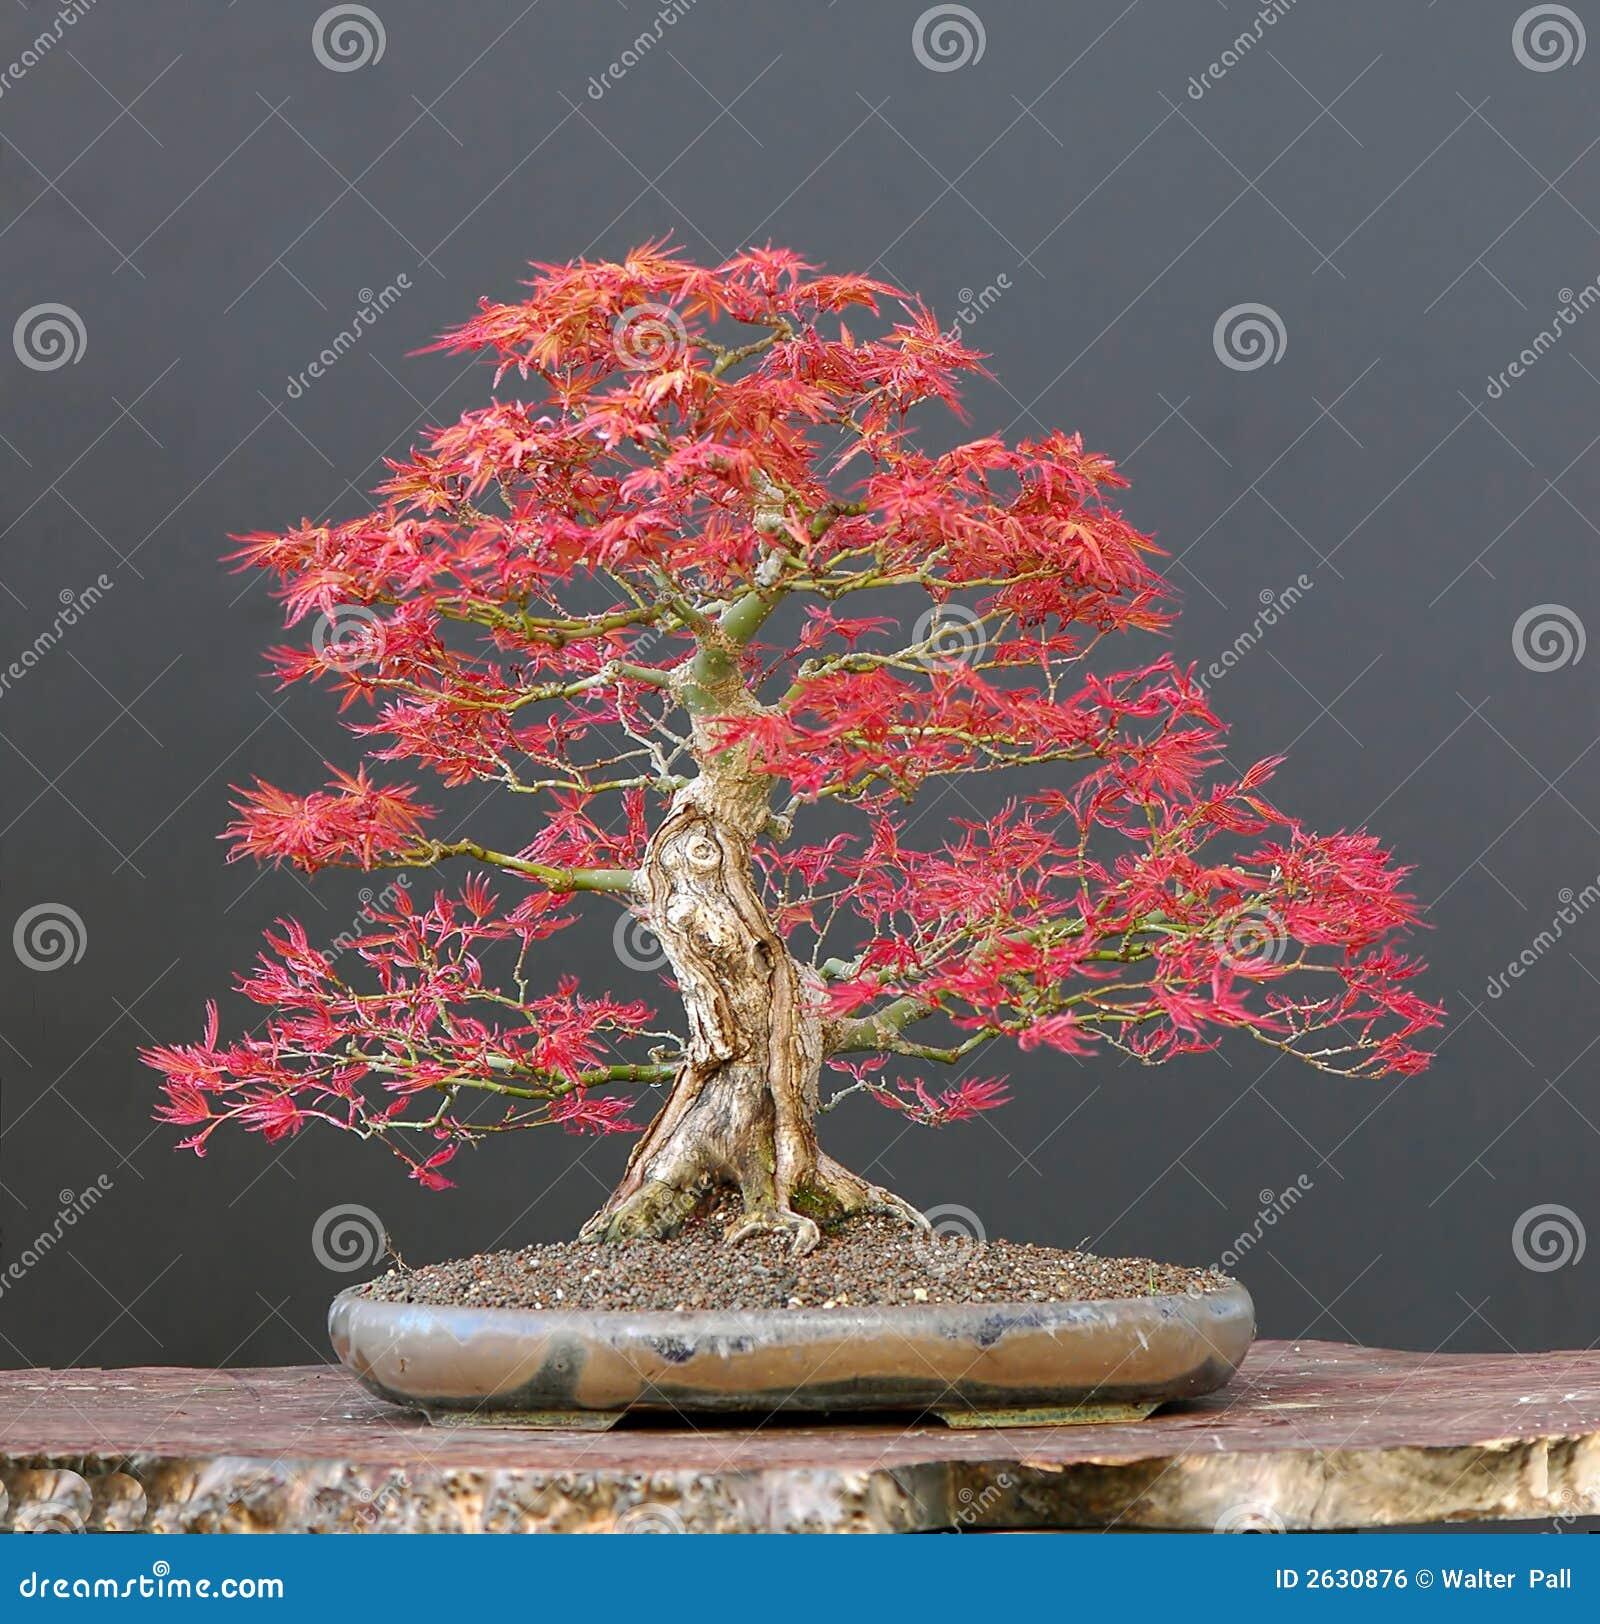 Japanese Maple Bonsai Stock Photo Image Of Maple Plant 2630876